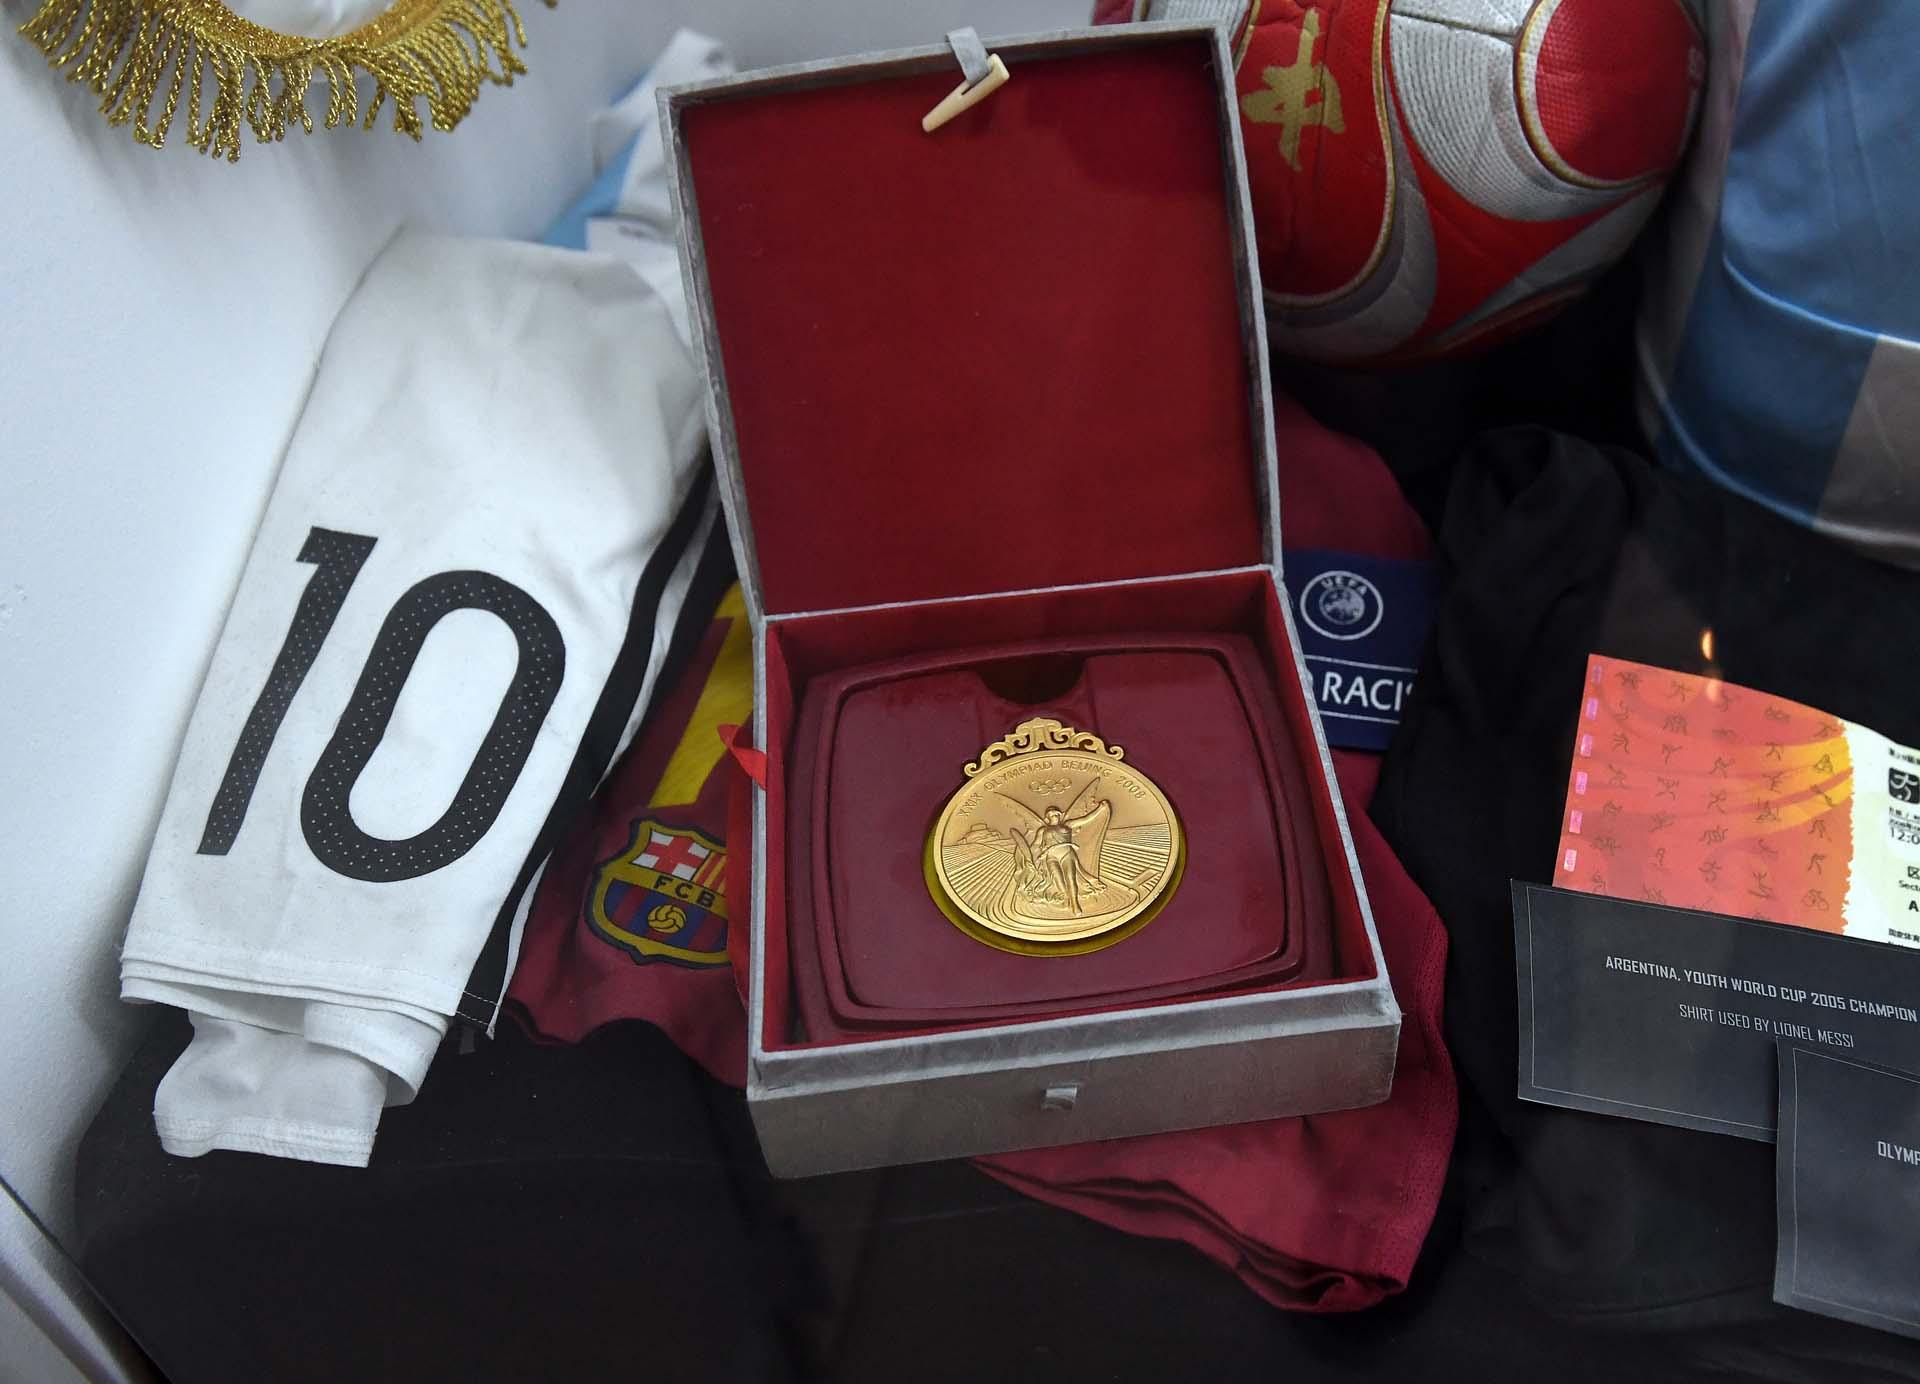 La medalla dorada conseguida por la selección argentina de fútbol masculino en los Juegos Olímpicos de Beijing 2008 (Nicolás Stulberg)